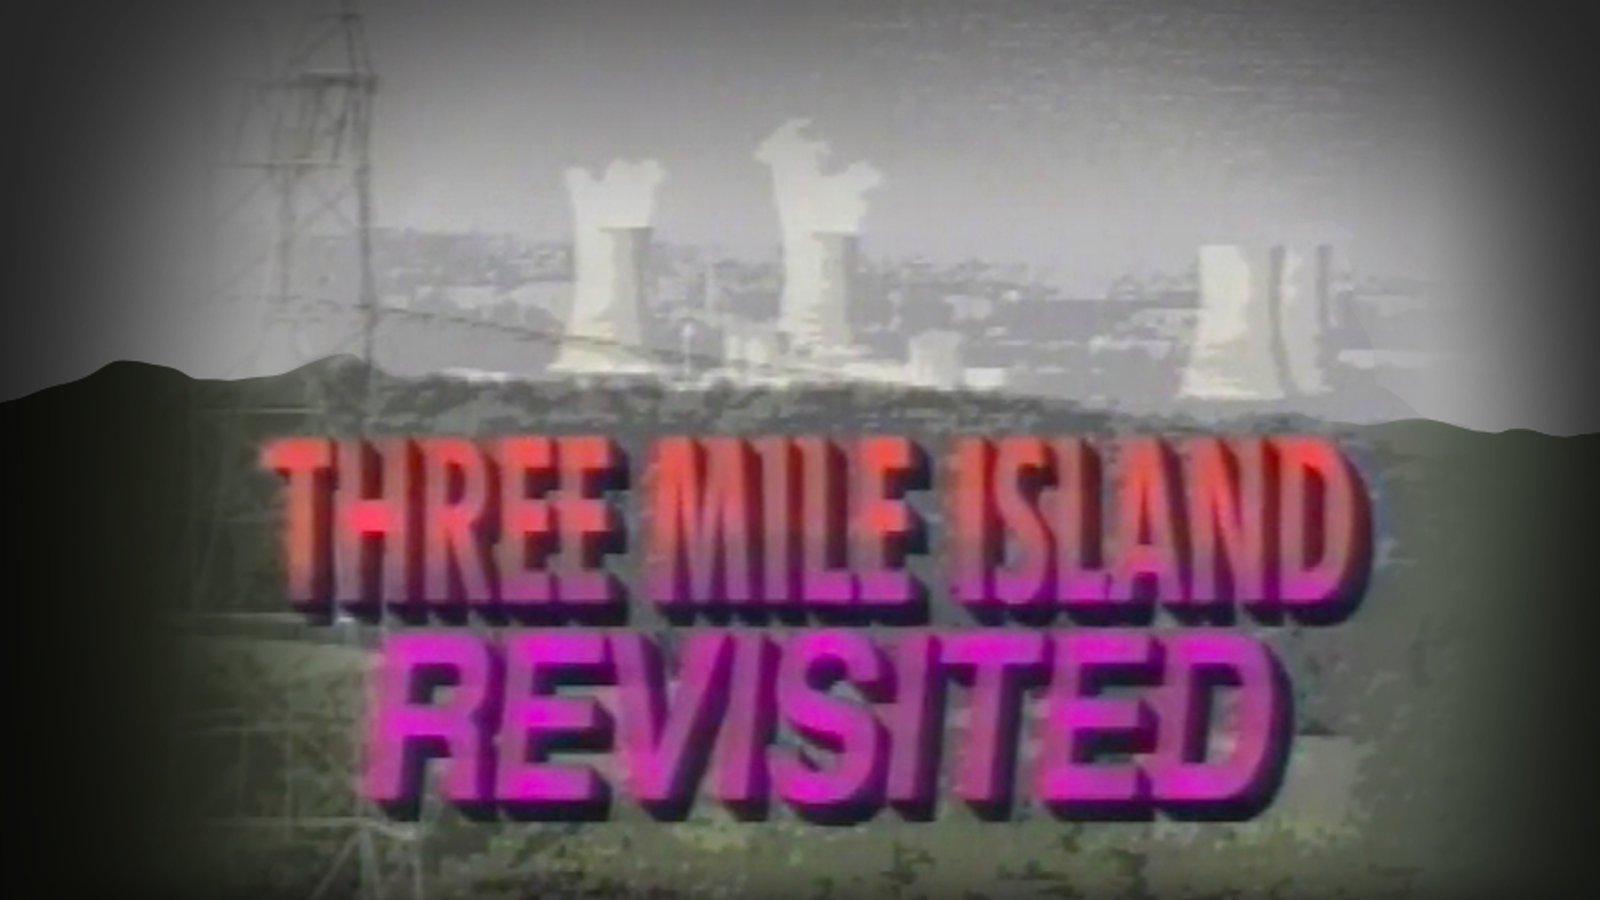 Three-Mile Island Revisted